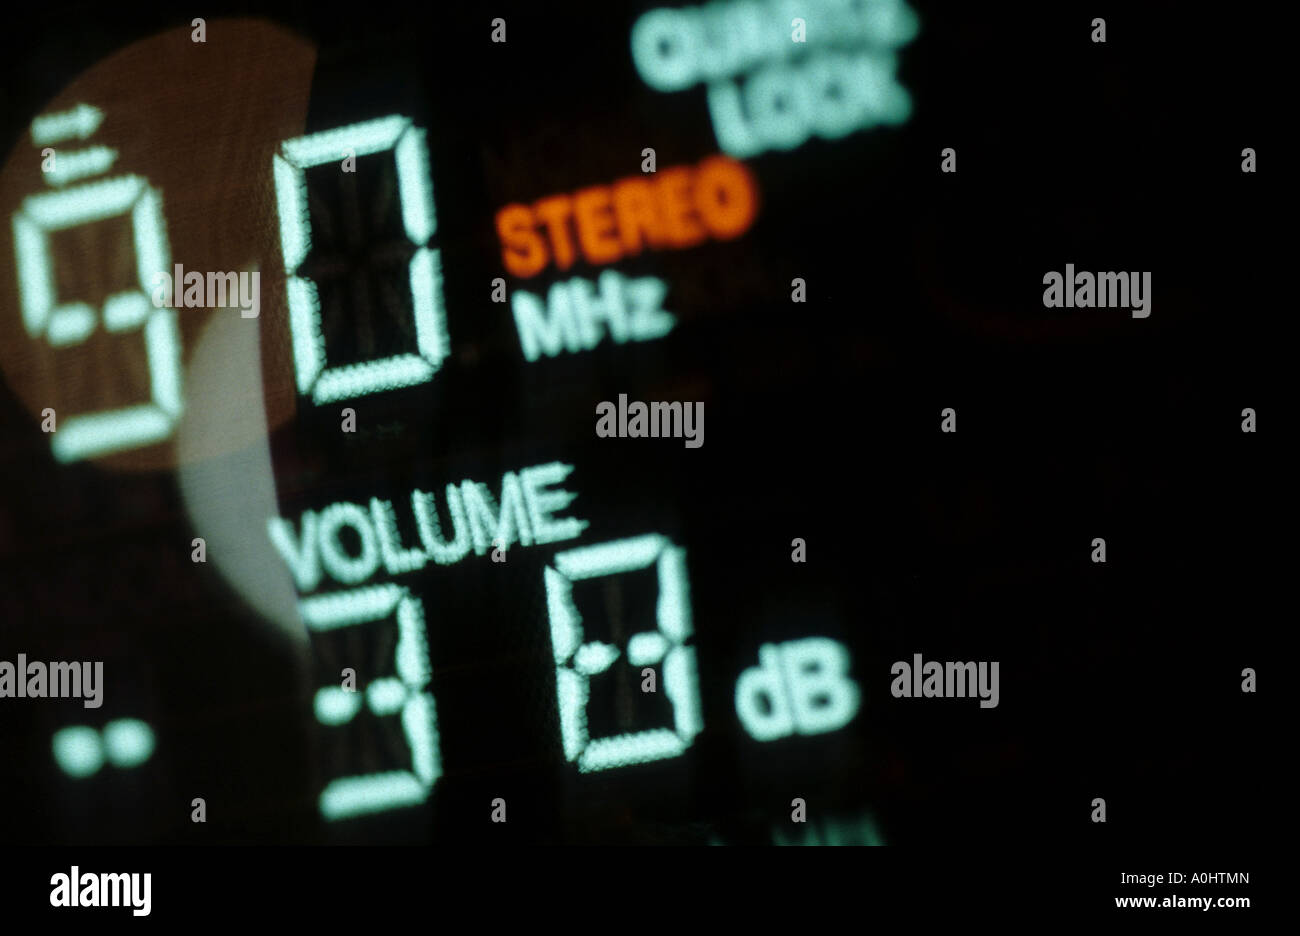 Dettaglio radio il volume del suono simbolo music broadcast Immagini Stock